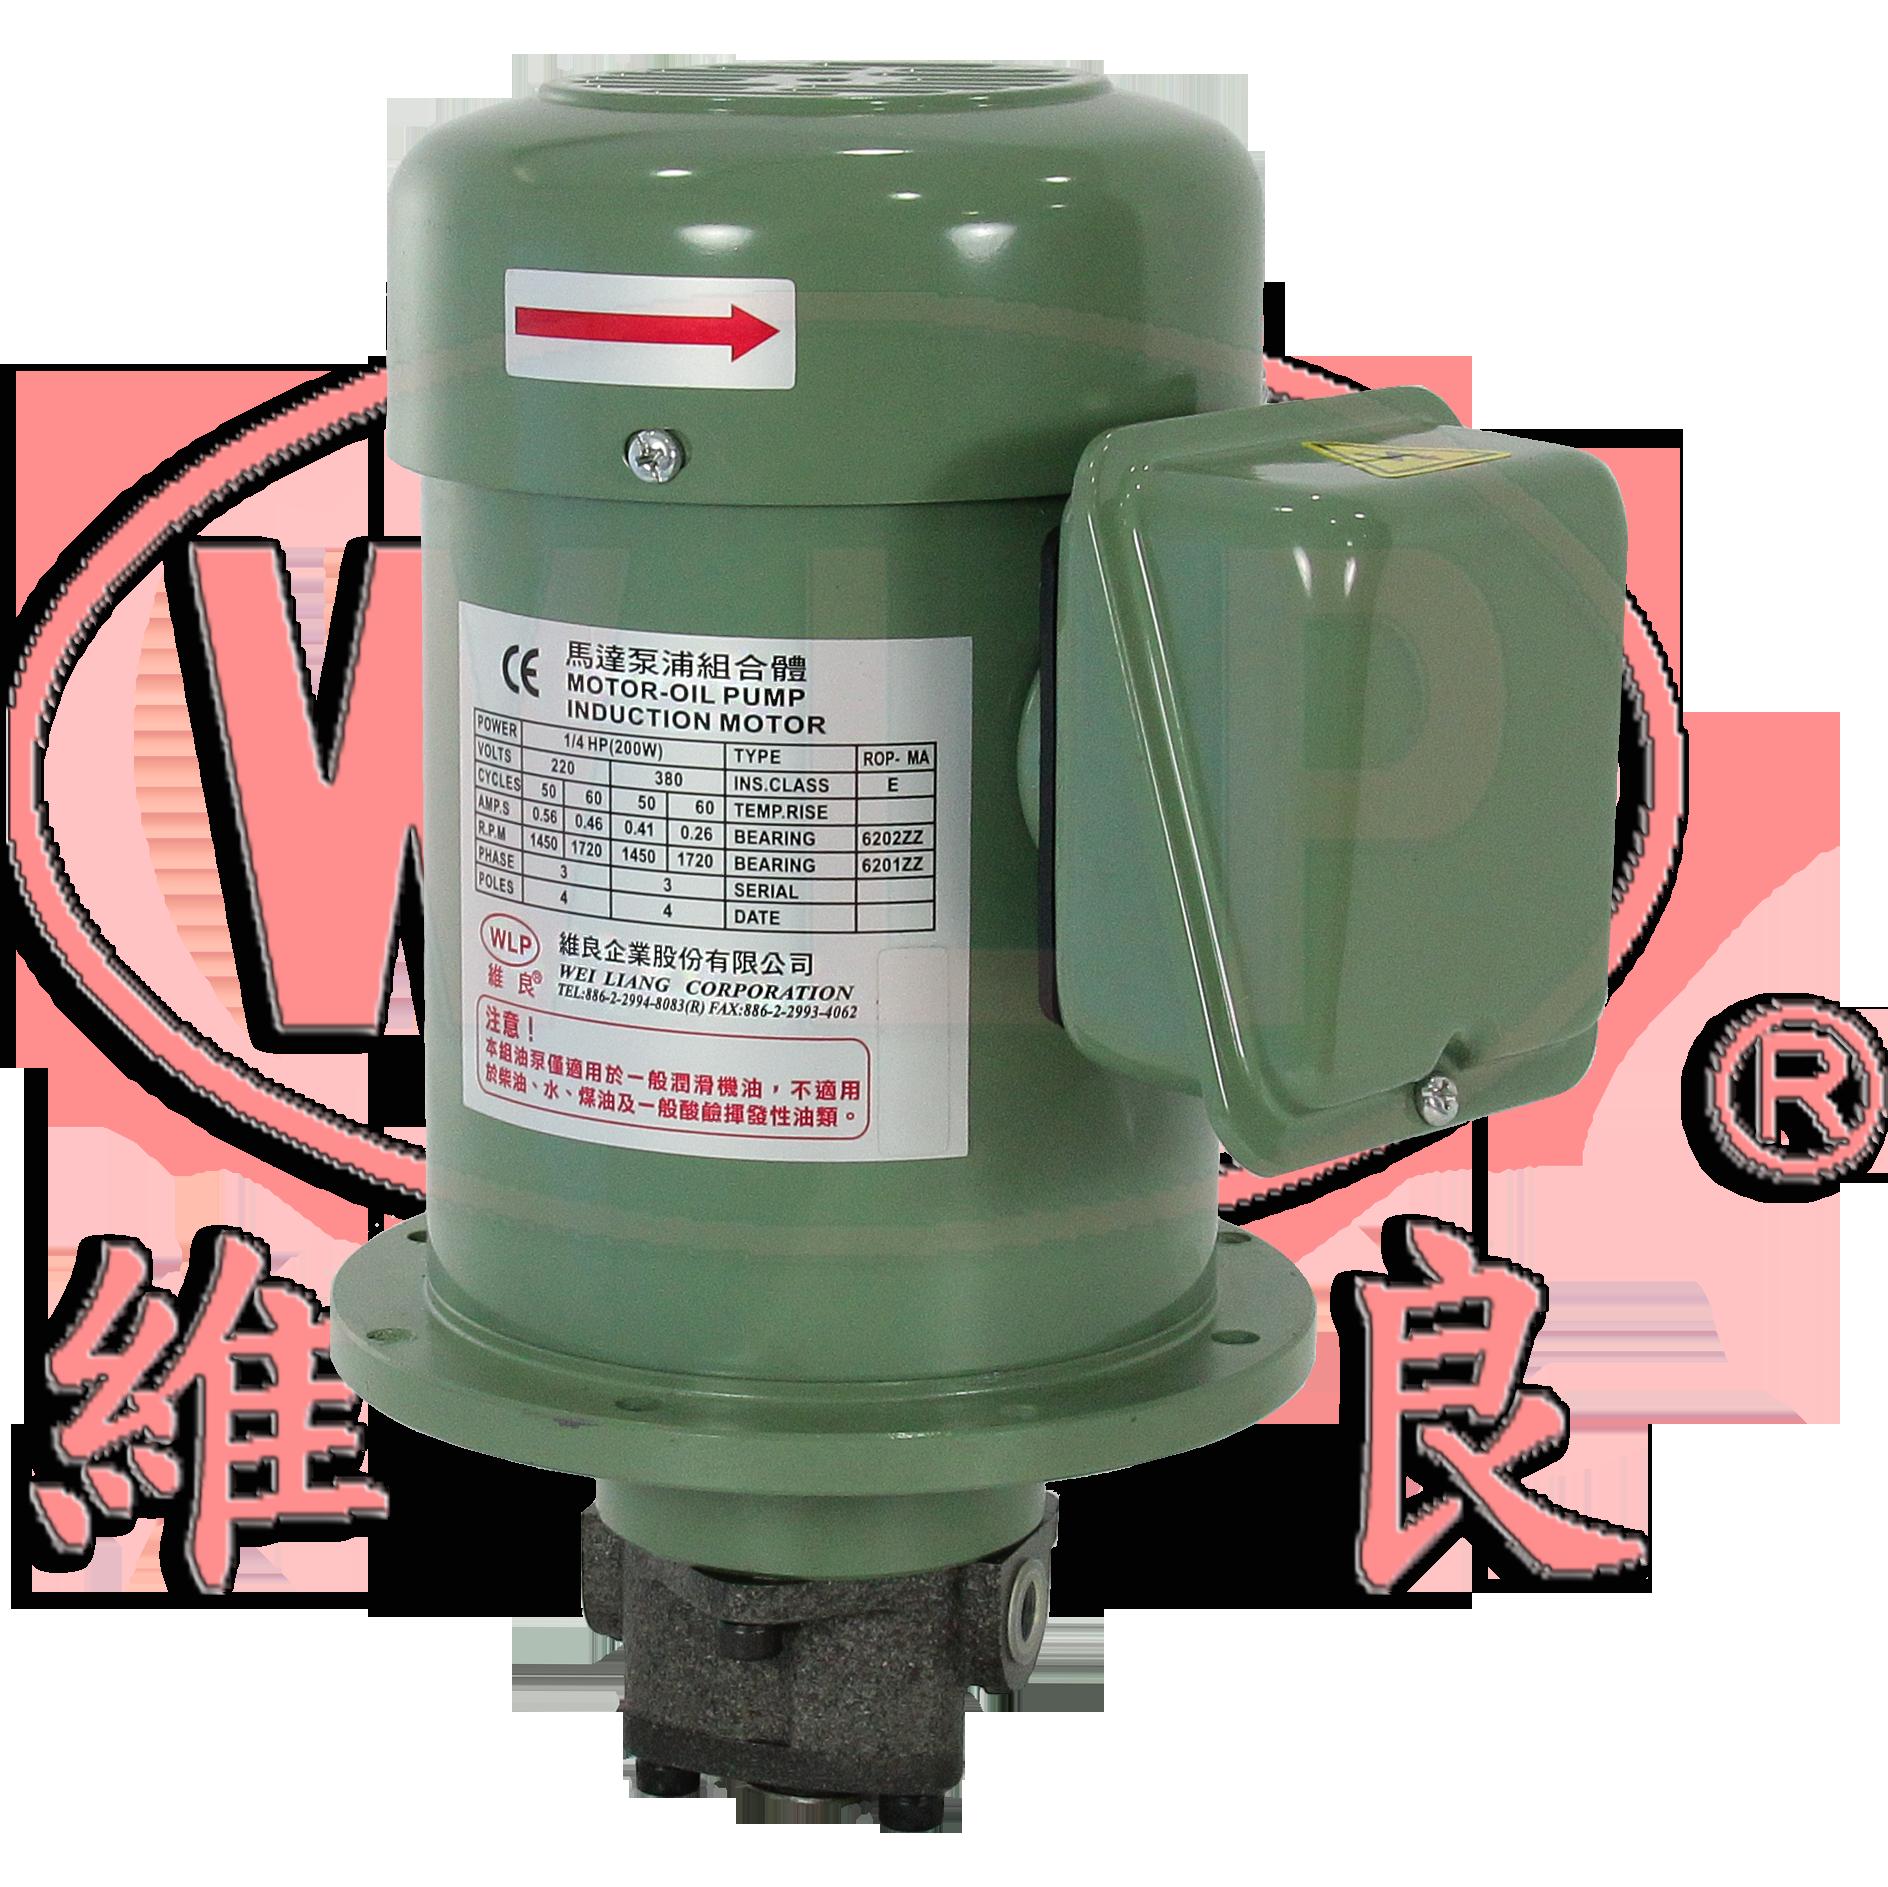 ROP-1MAL-200W 1A型立式馬達泵浦